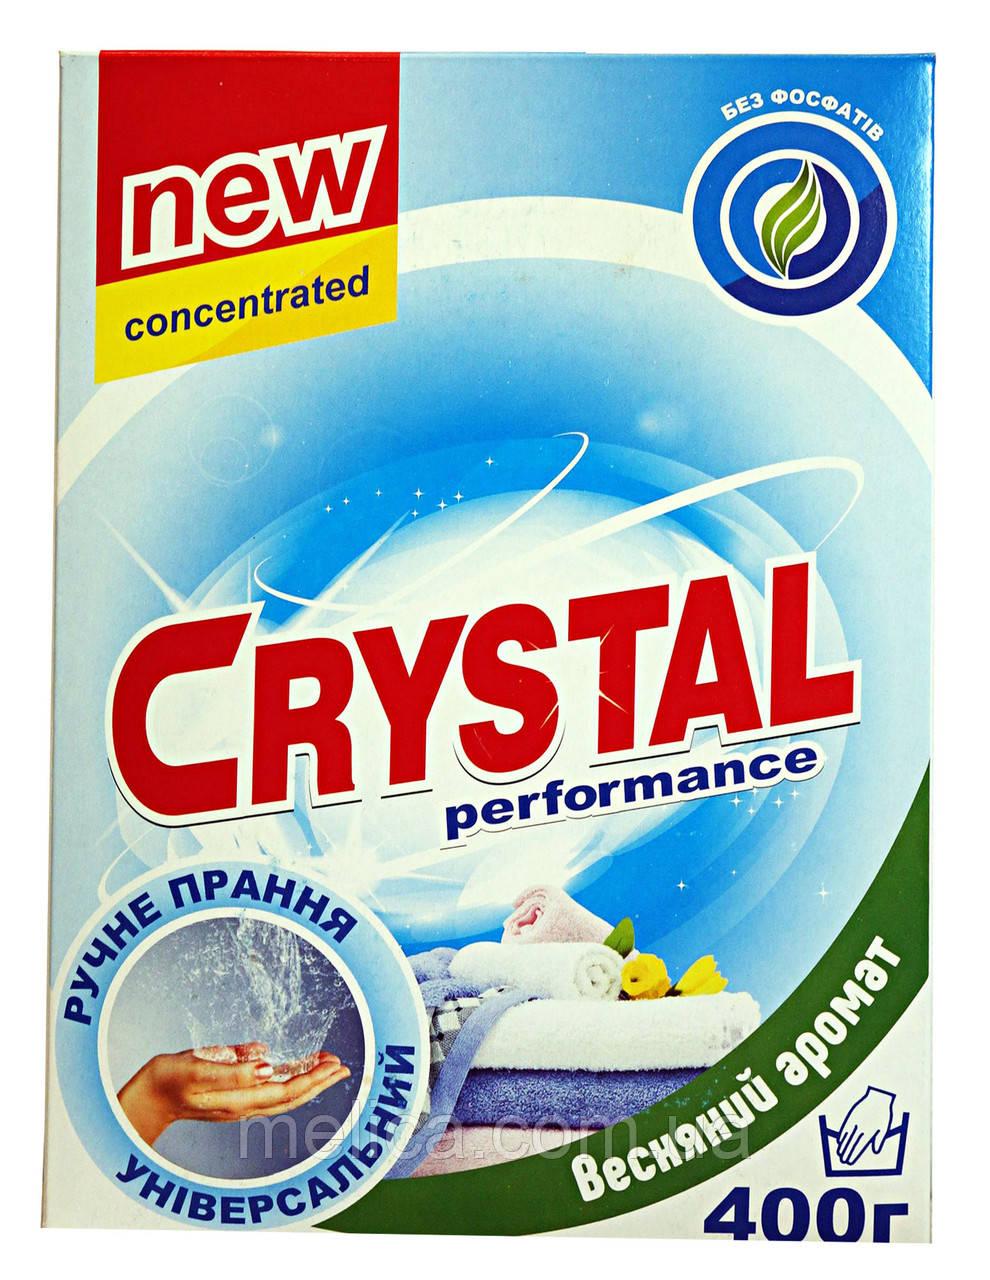 Универсальный стиральный порошок для ручной стирки Crystal Performance Весенний аромат - 400 г.